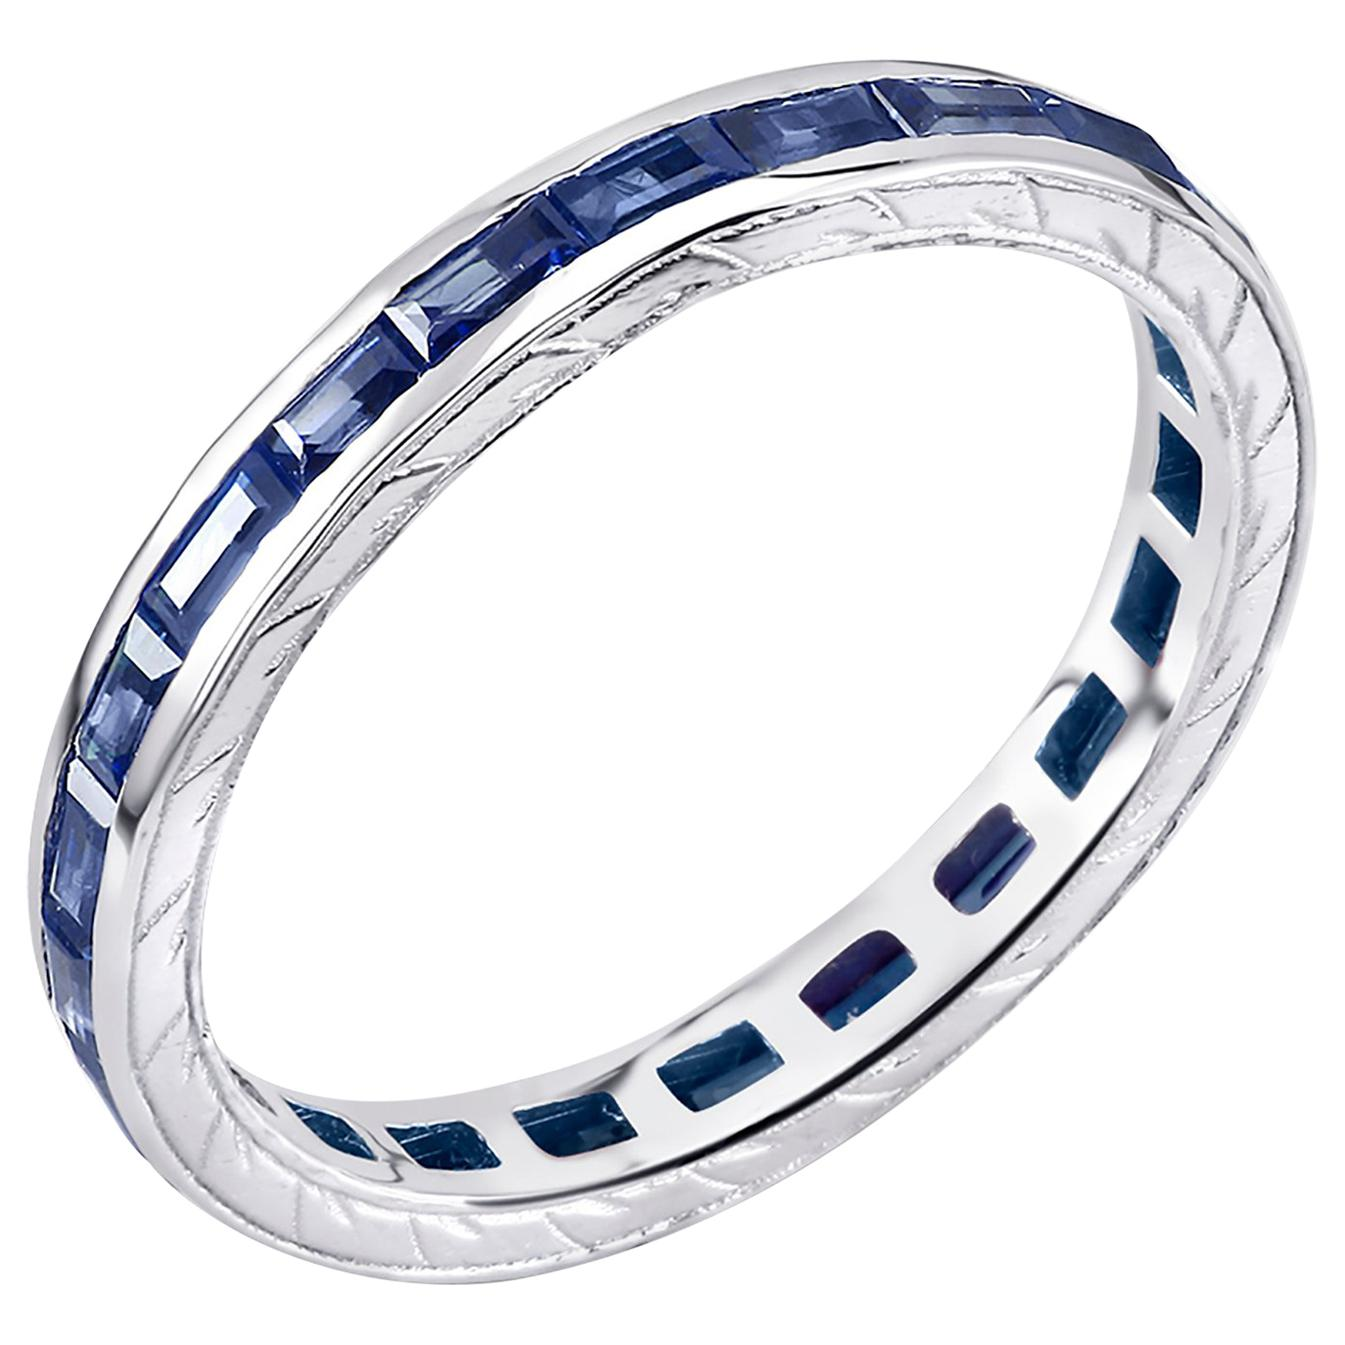 Eighteen Karat Gold Baguette Sapphire Eternity Engraved Band Weighing 1.65 Carat